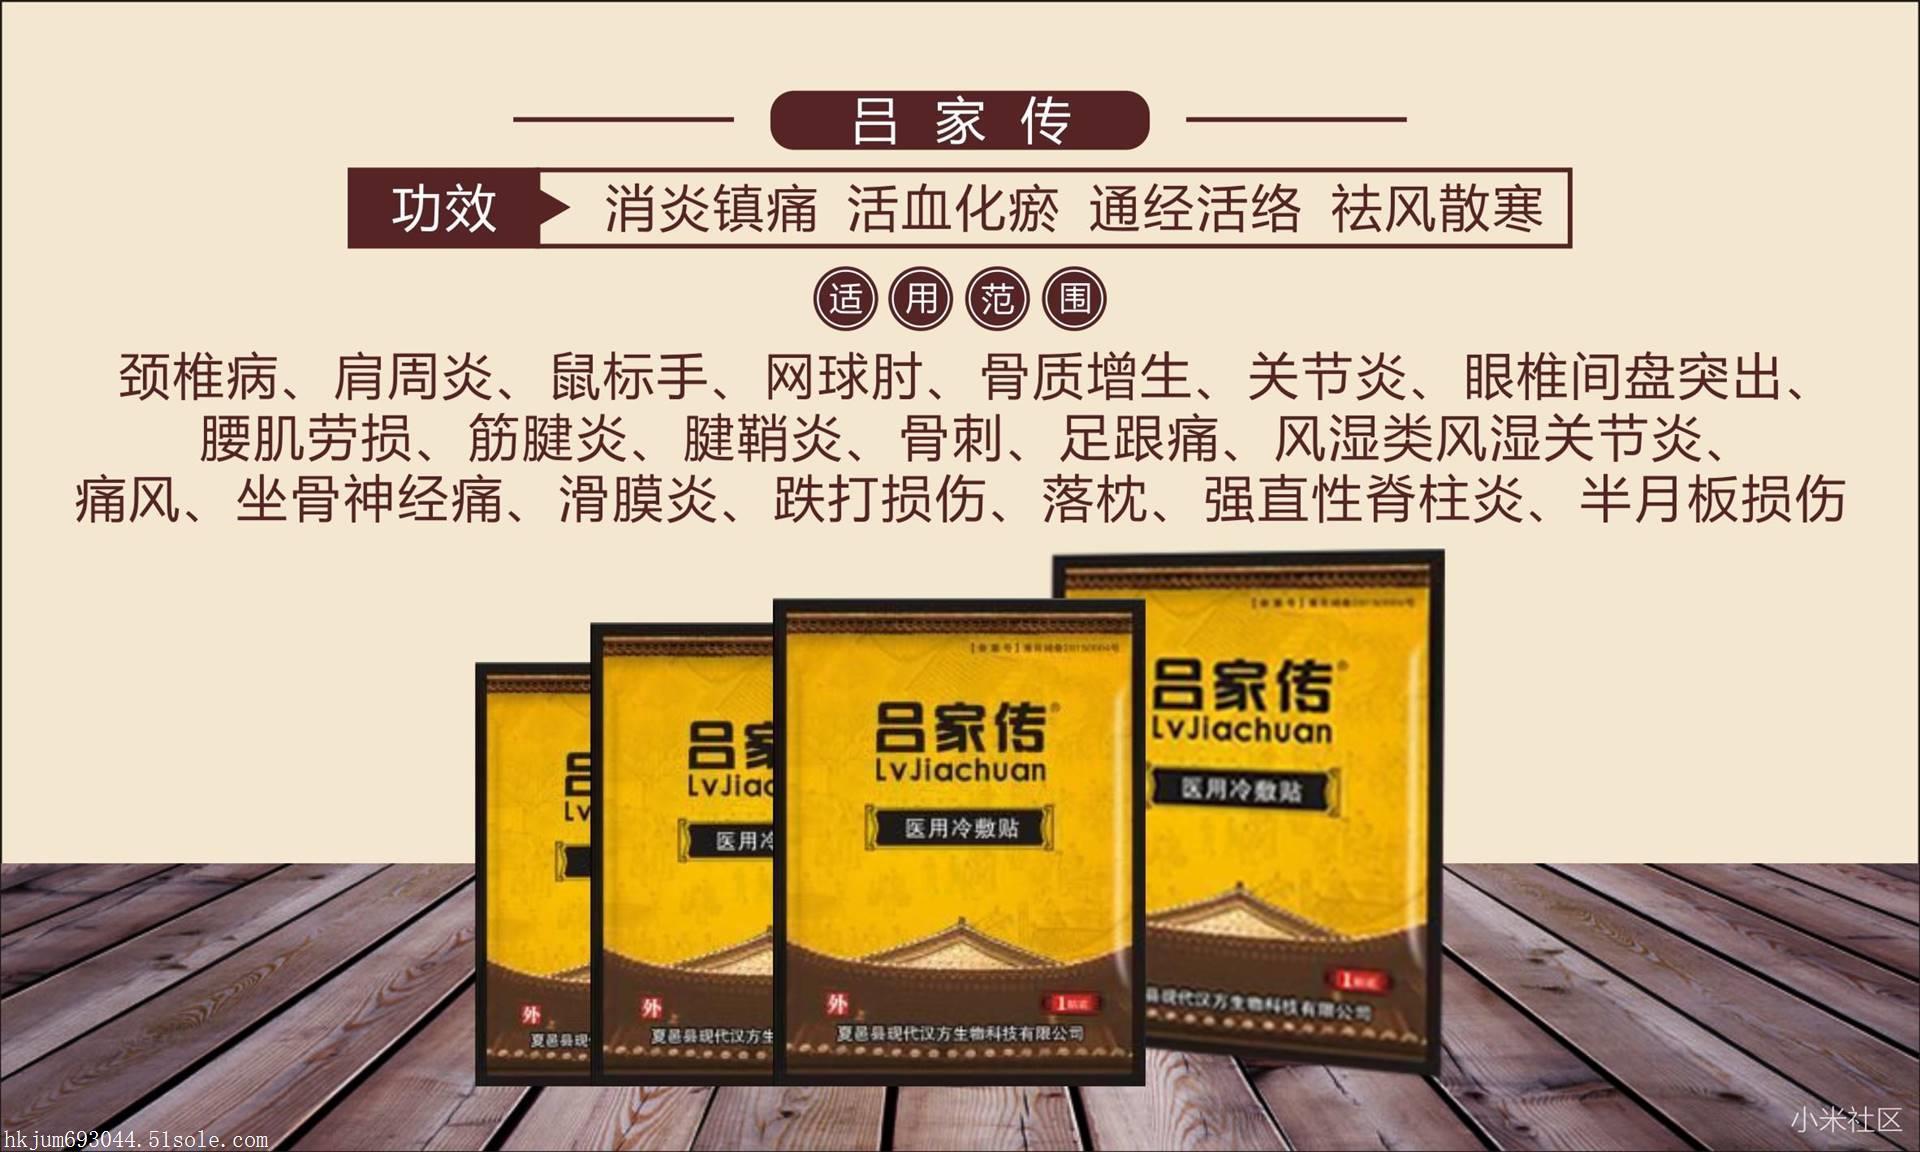 Hui春岭石膏生产厂家在哪里:中国有多少石膏生产厂家